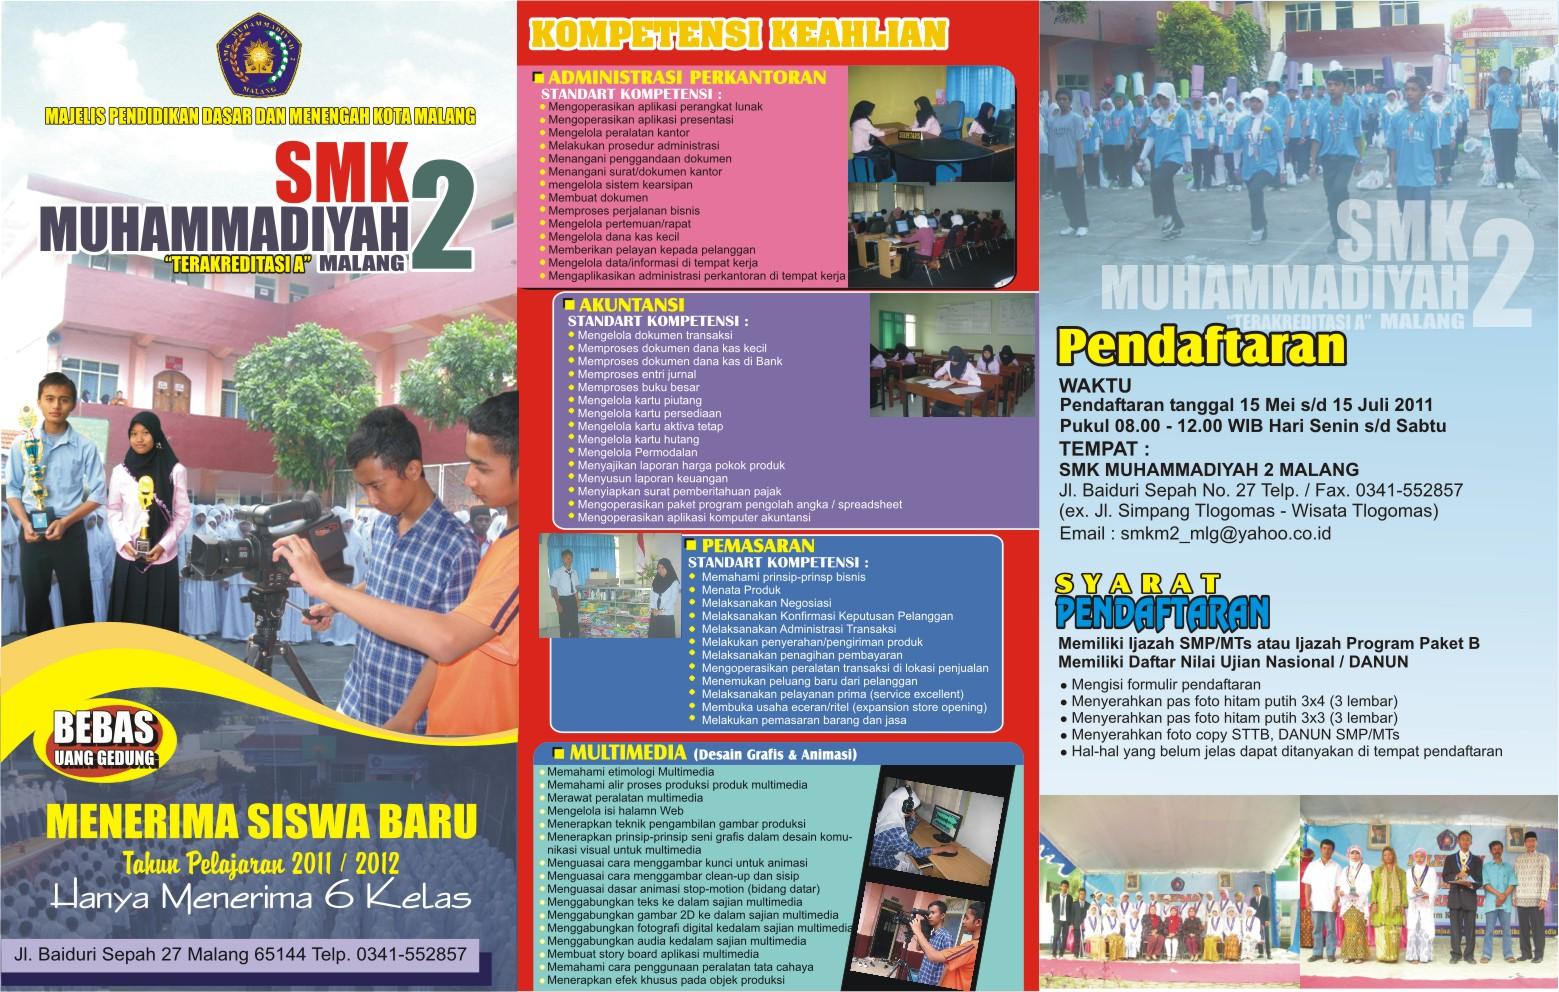 HASIL DESAIN BROSUR SMK MUHAMMADIYAH 2 MALANG Tahun 2011